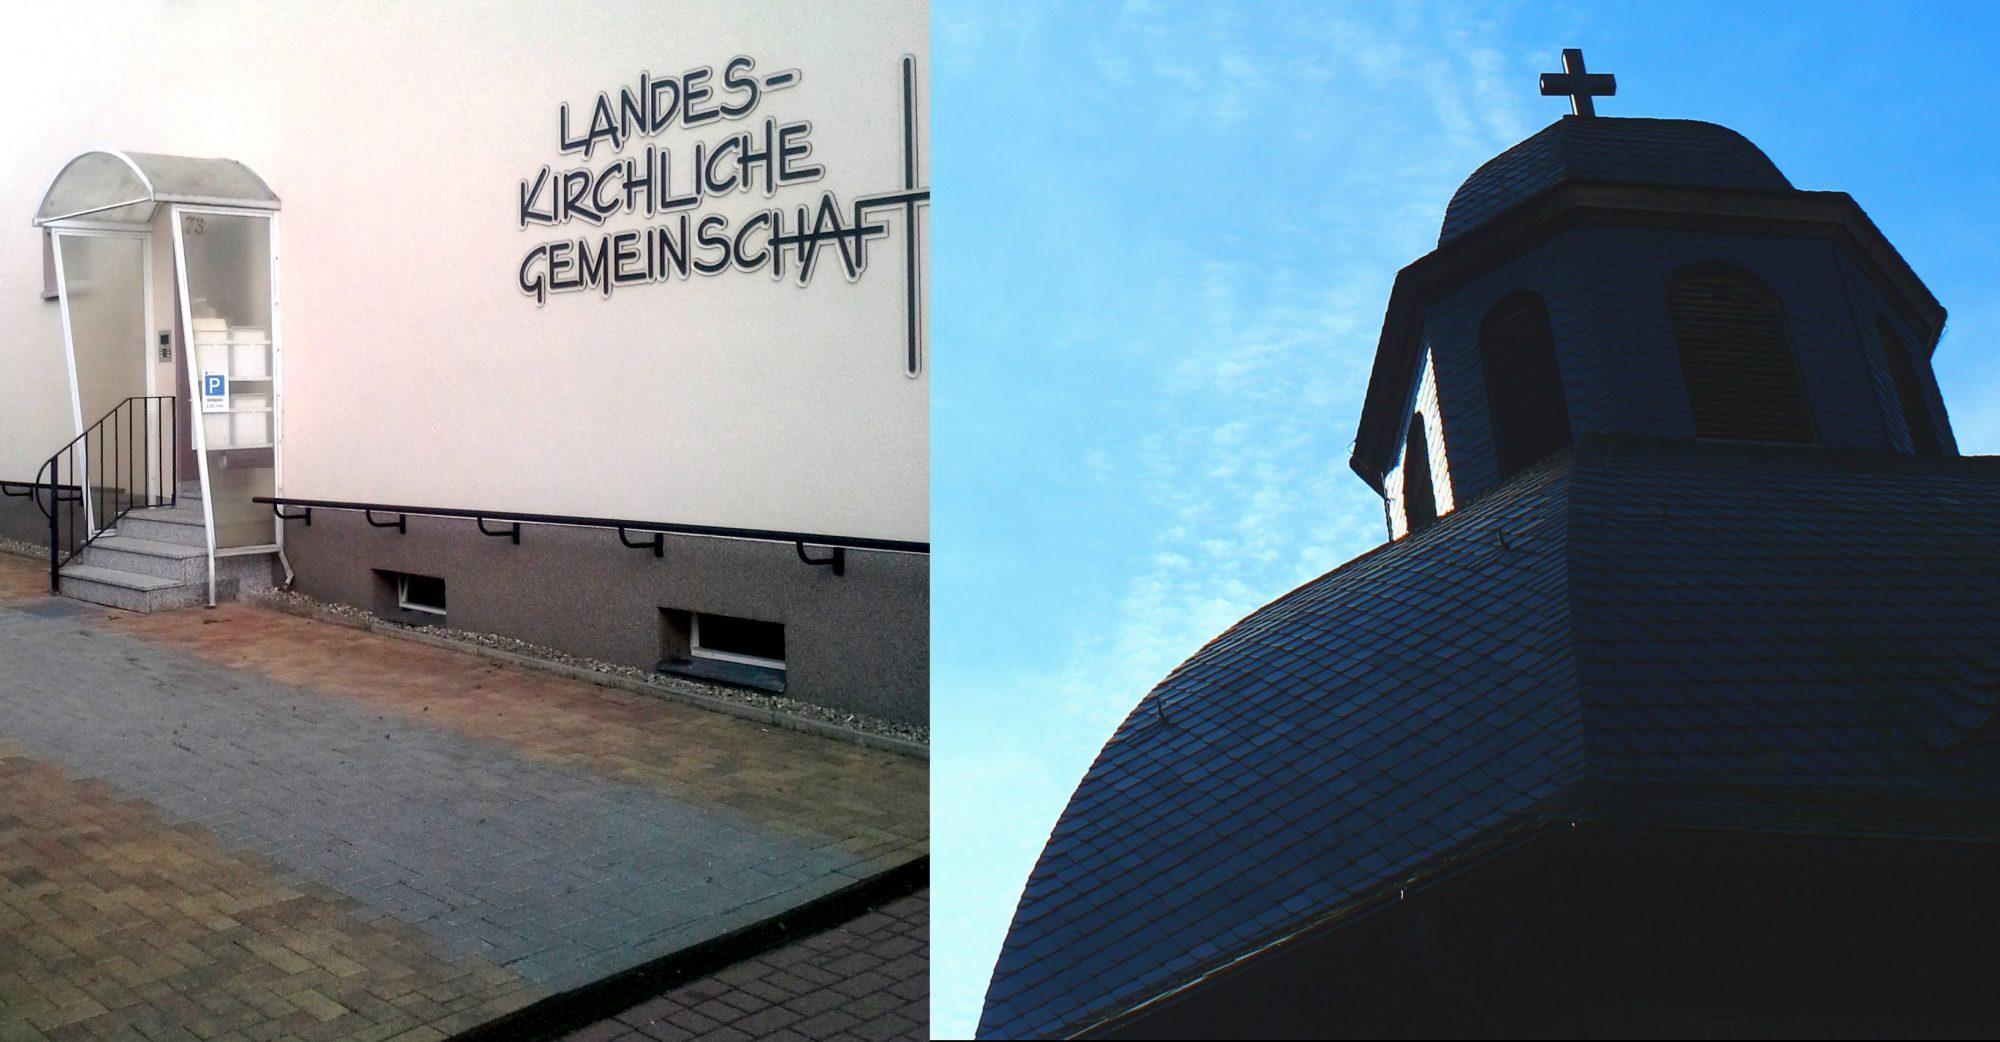 Lutherkirchgemeinde und Landeskirchliche Gemeinschaft Neuwürschnitz